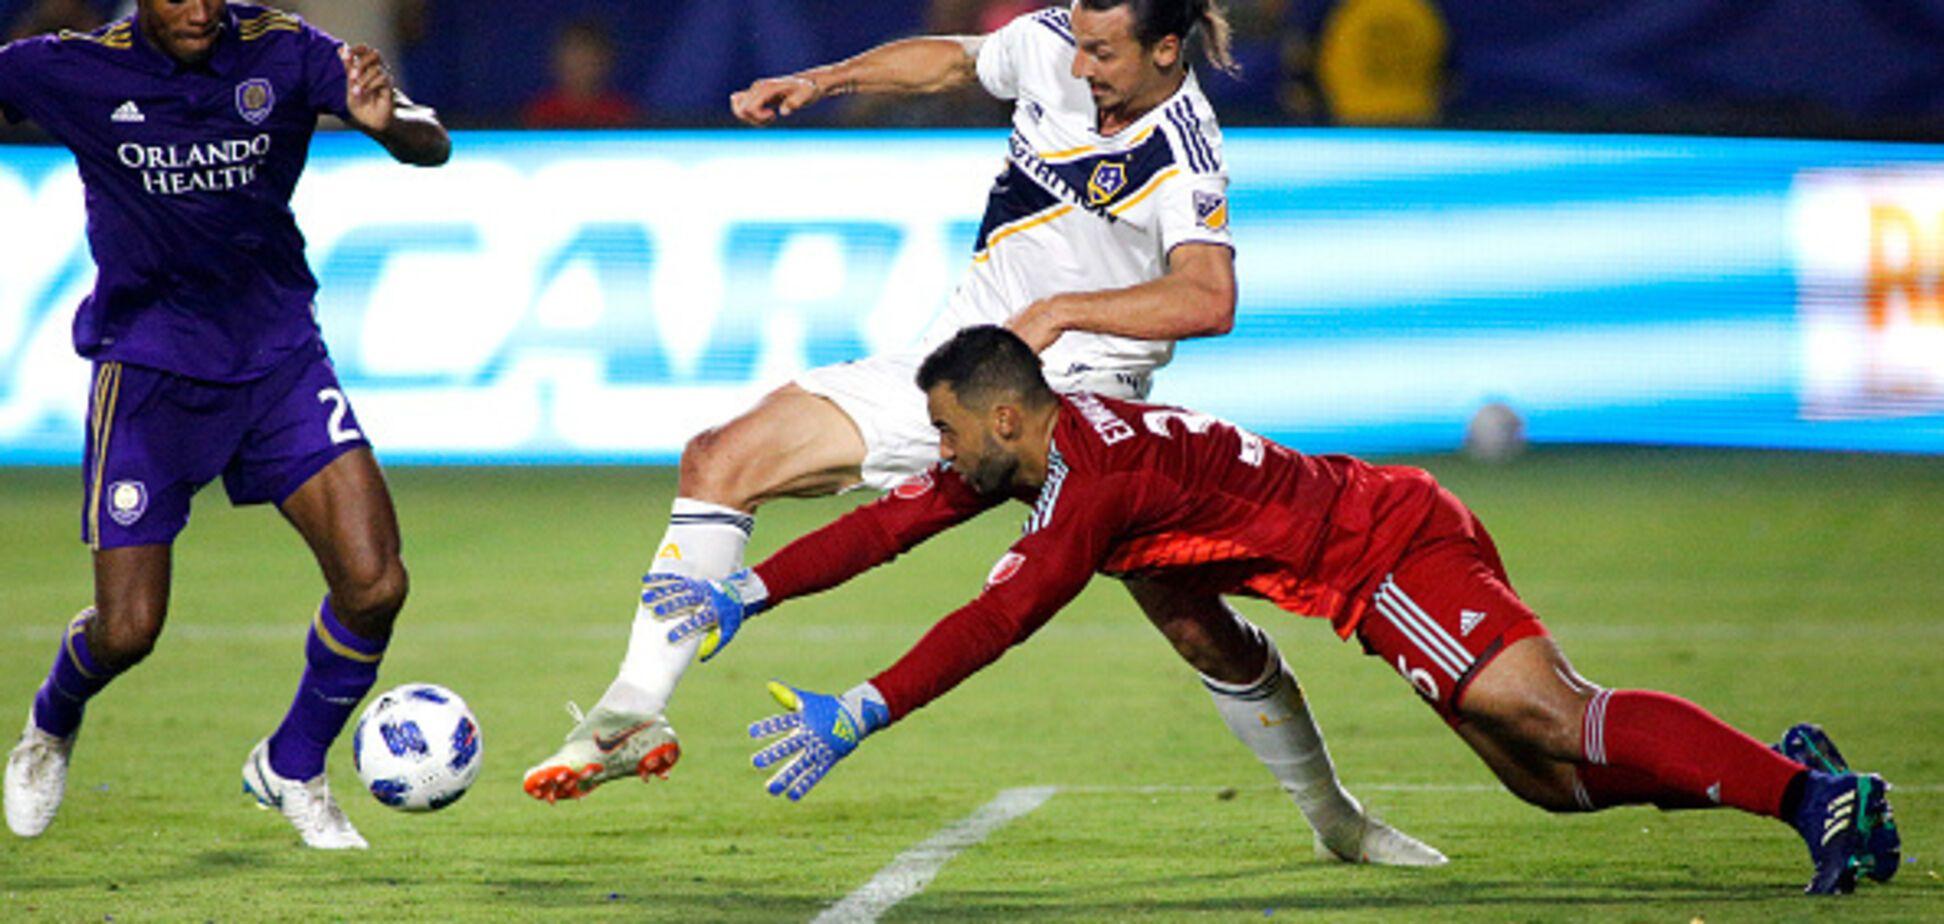 Златан Ібрагімович забив 500-й гол у кар'єрі неймовірним 'ударом тхеквондо'